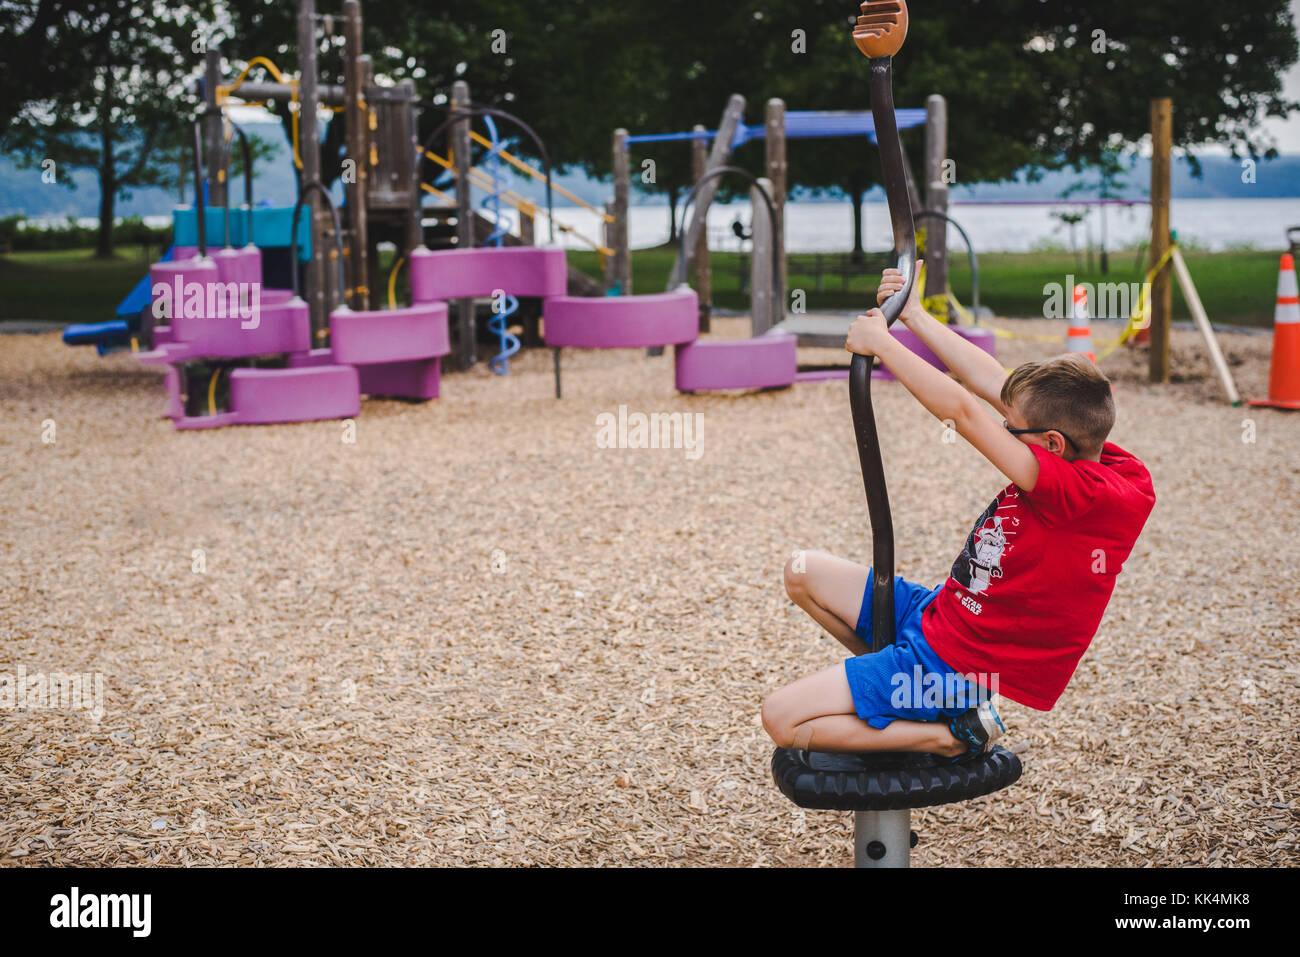 Ein Junge Kind spielt auf Spielgeräte im Sommer Stockbild